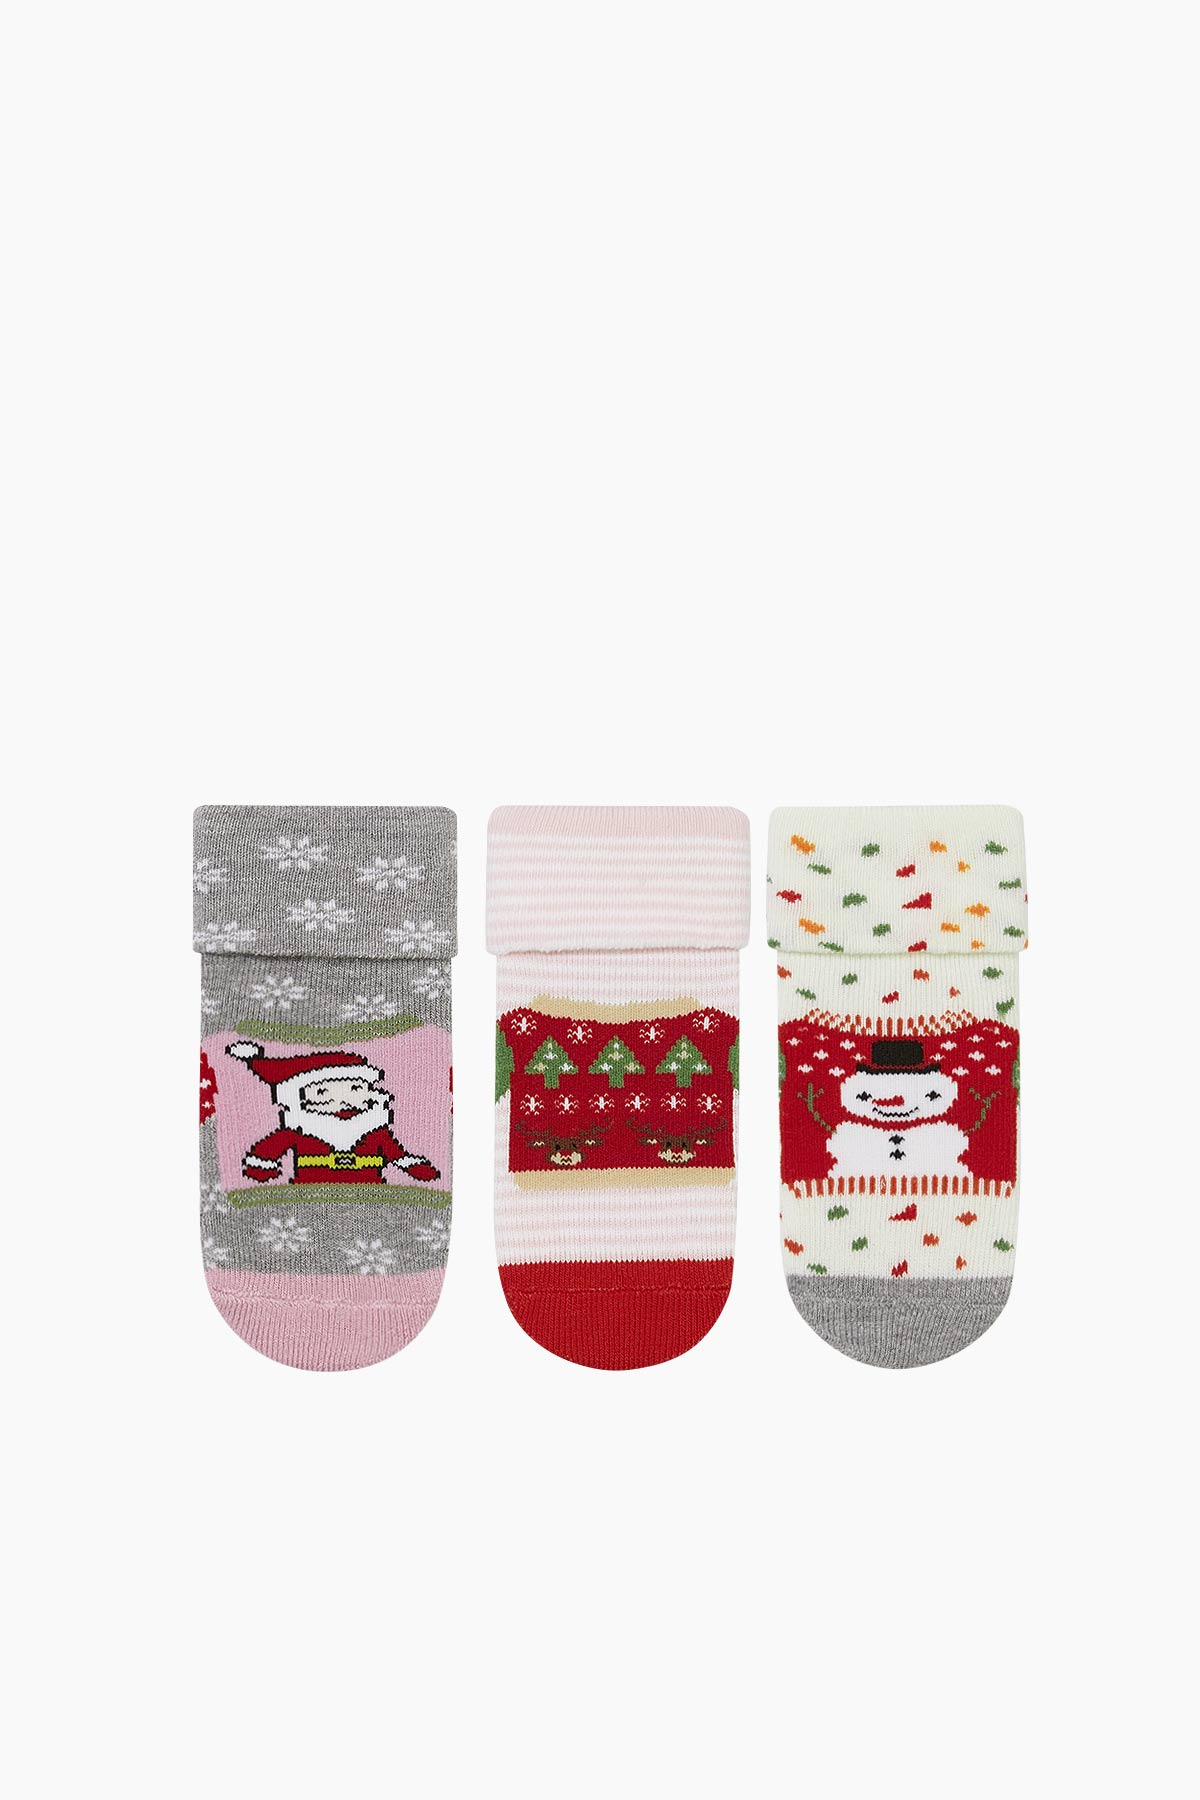 Bross - Bross 3'lü Yılbaşı Desenli Havlu Bebek Çorabı